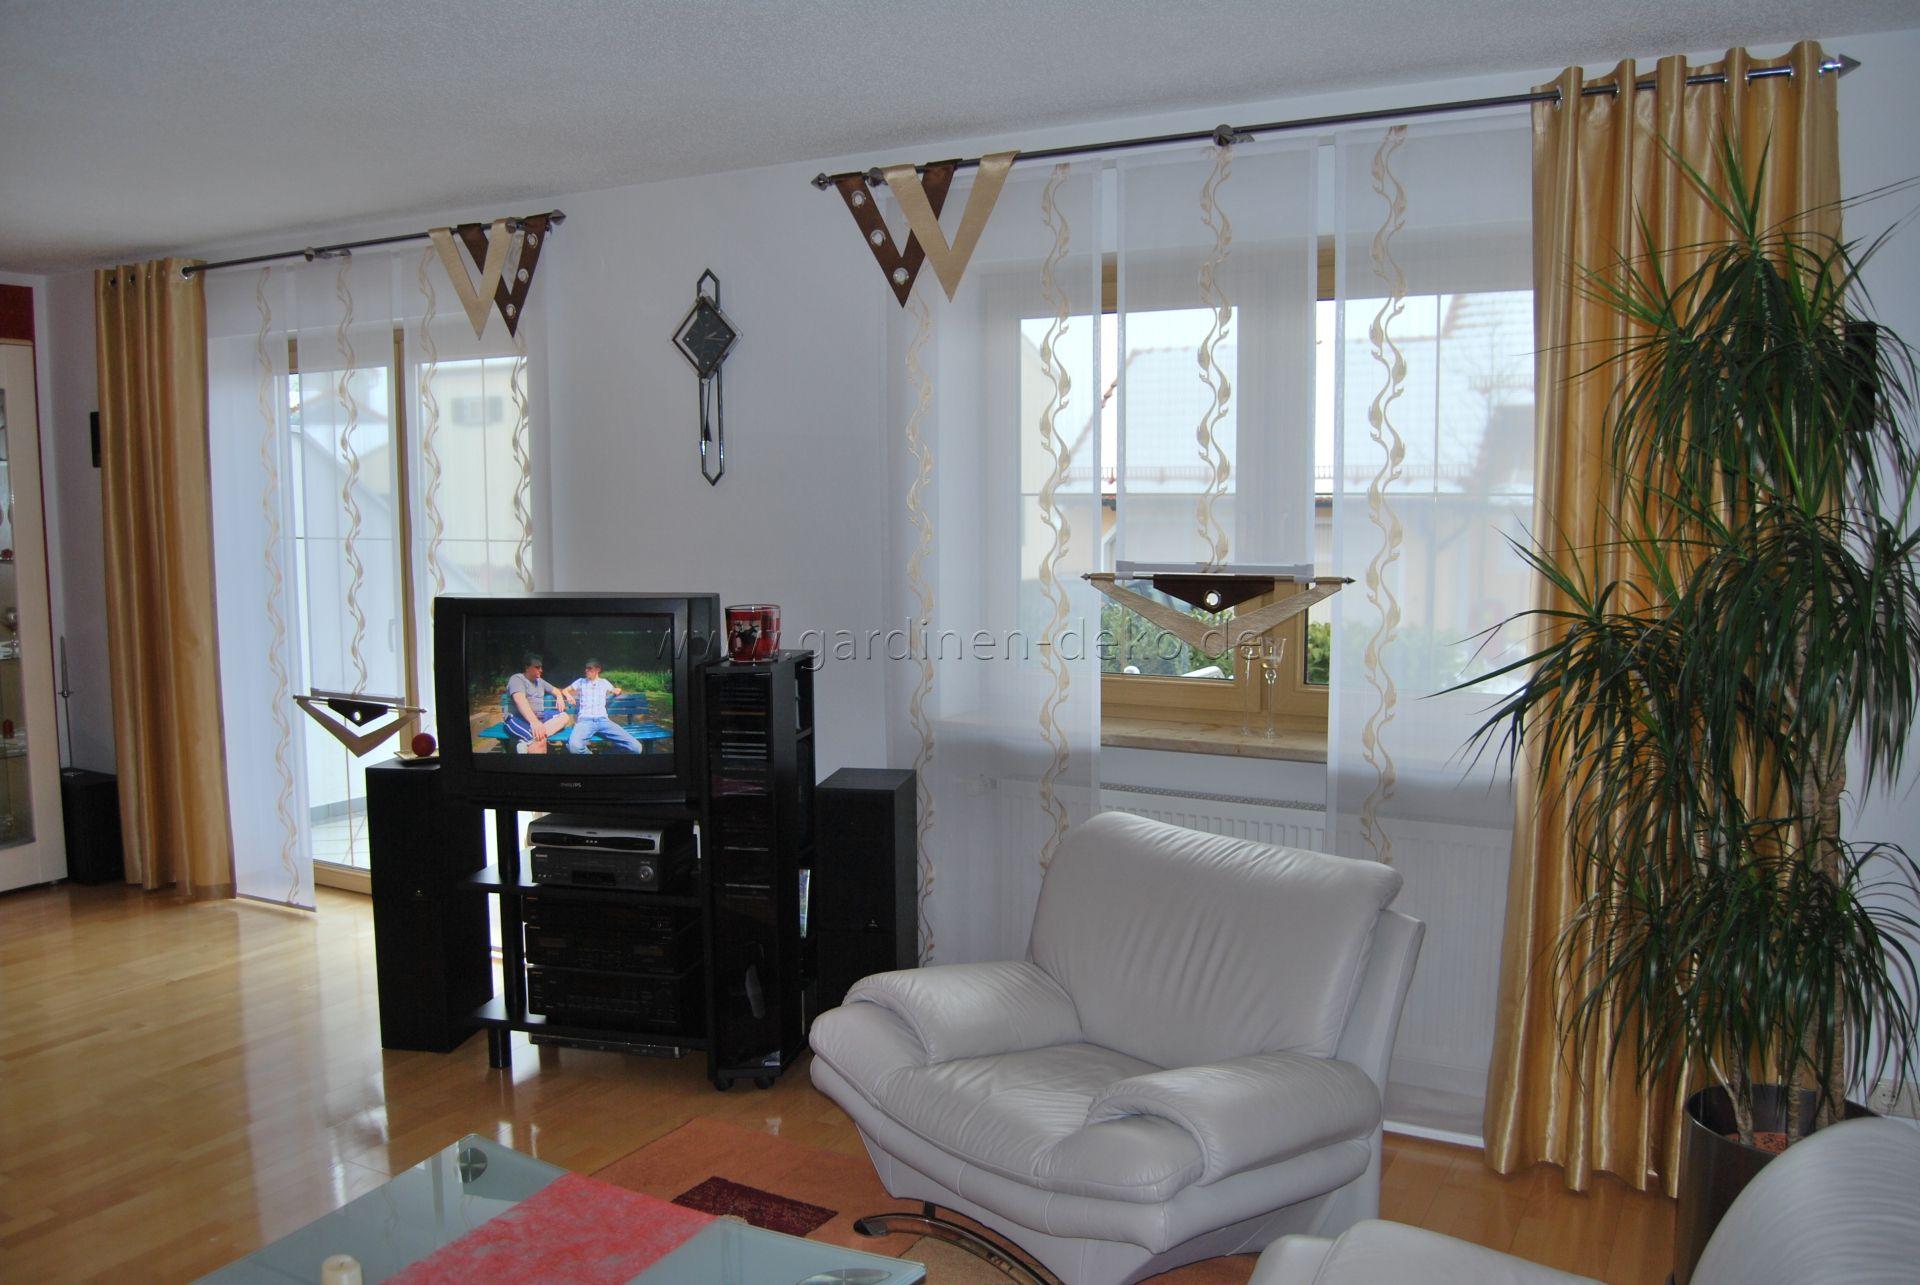 Wohnzimmer Fotos ~ Wohnzimmer stufengardine mit edlen seitenschals und doppel v